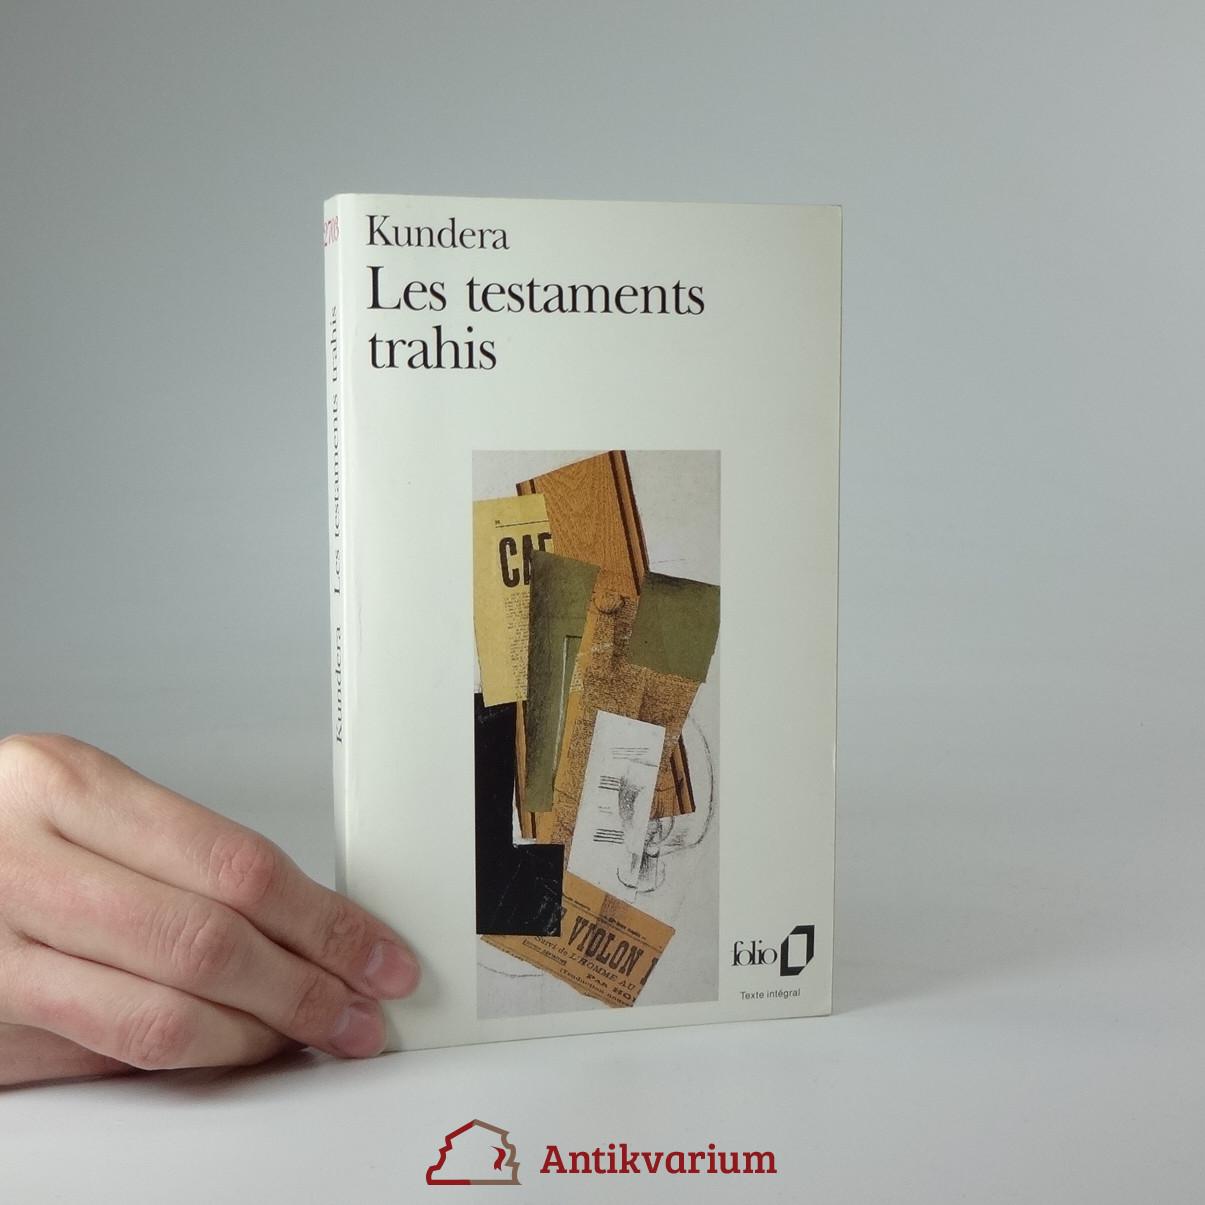 antikvární kniha Les testaments trahis, 1995